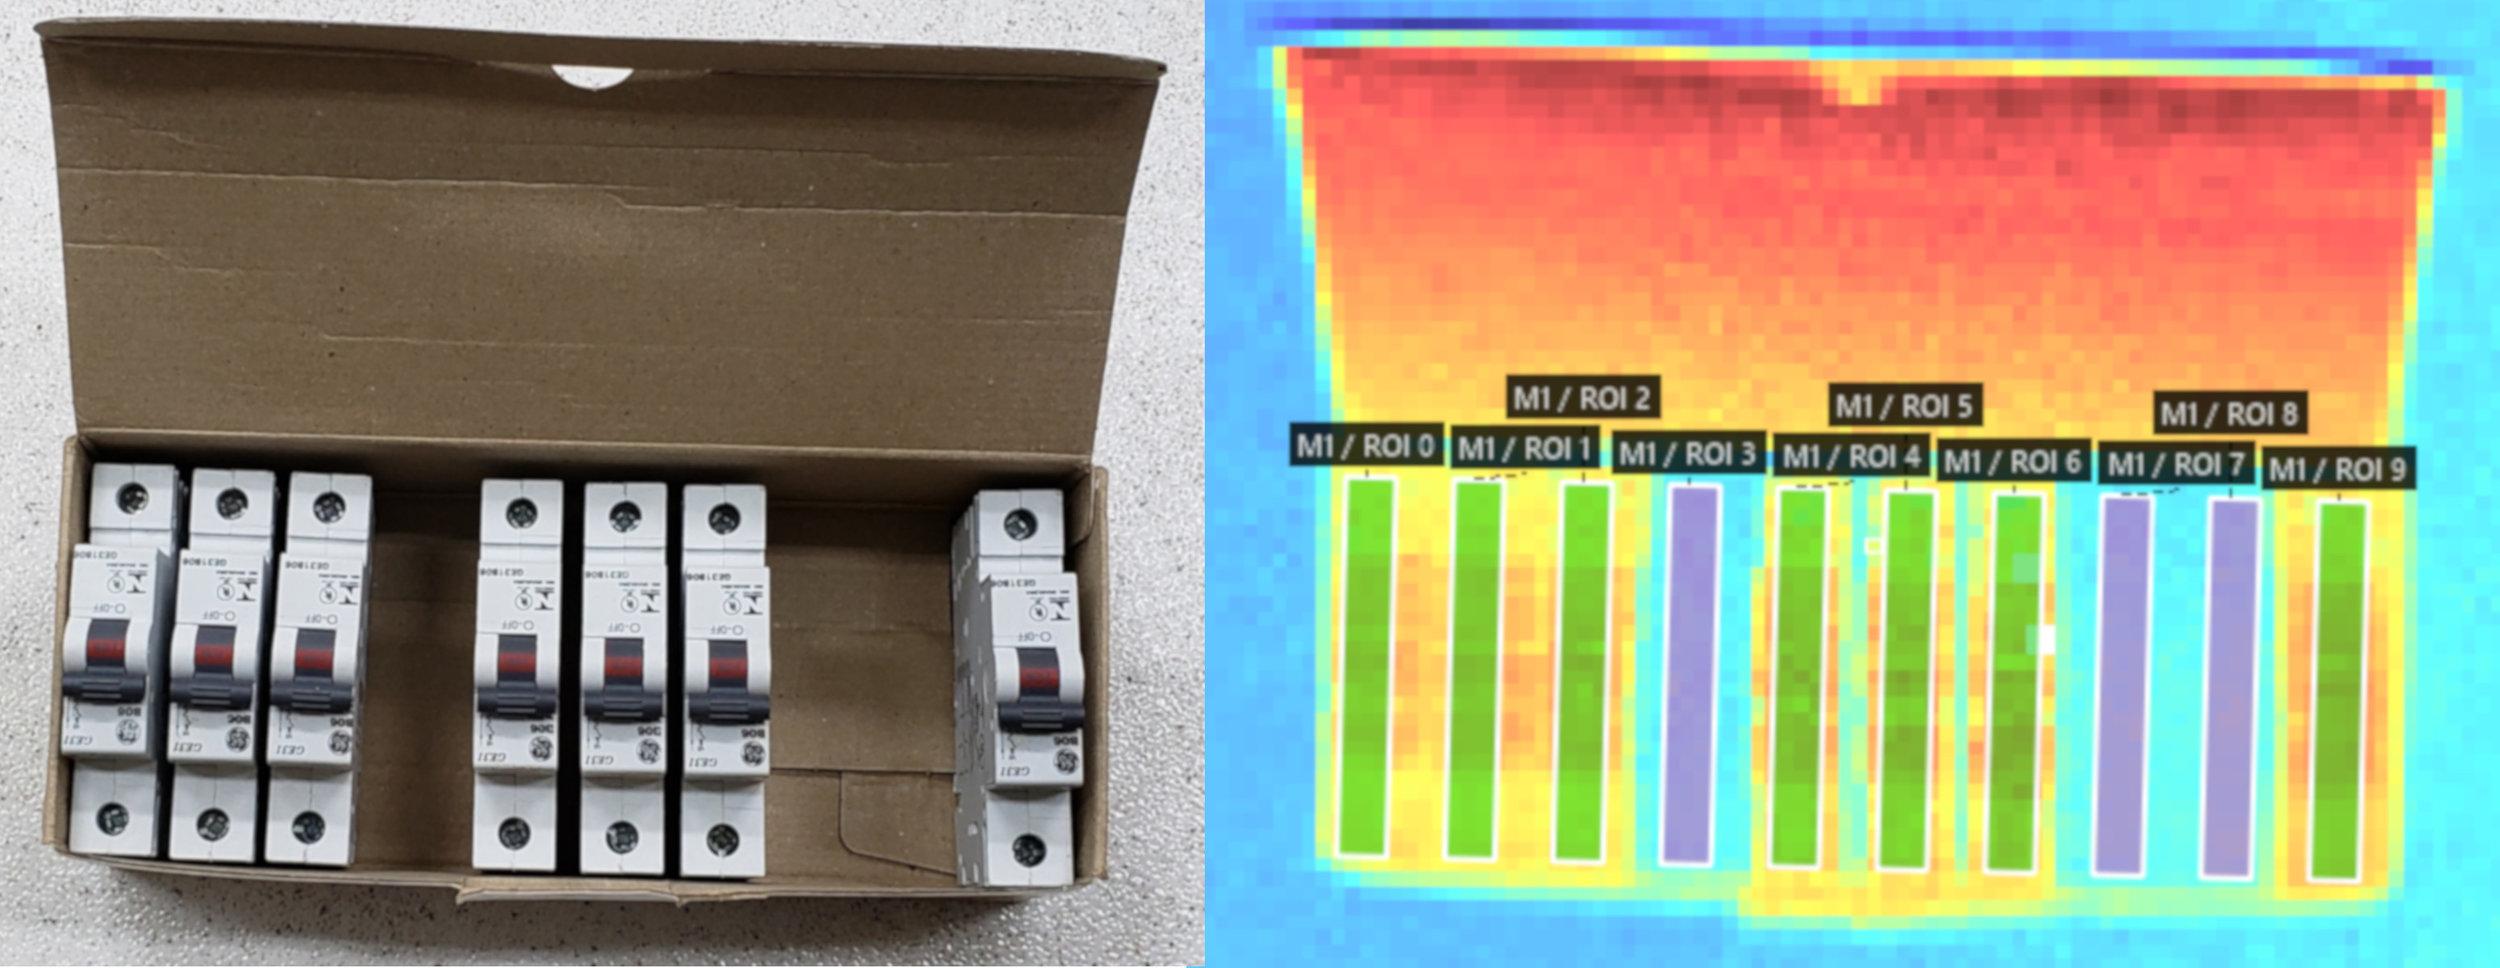 Visão Computacional - Detecção de embalagem  incompleta